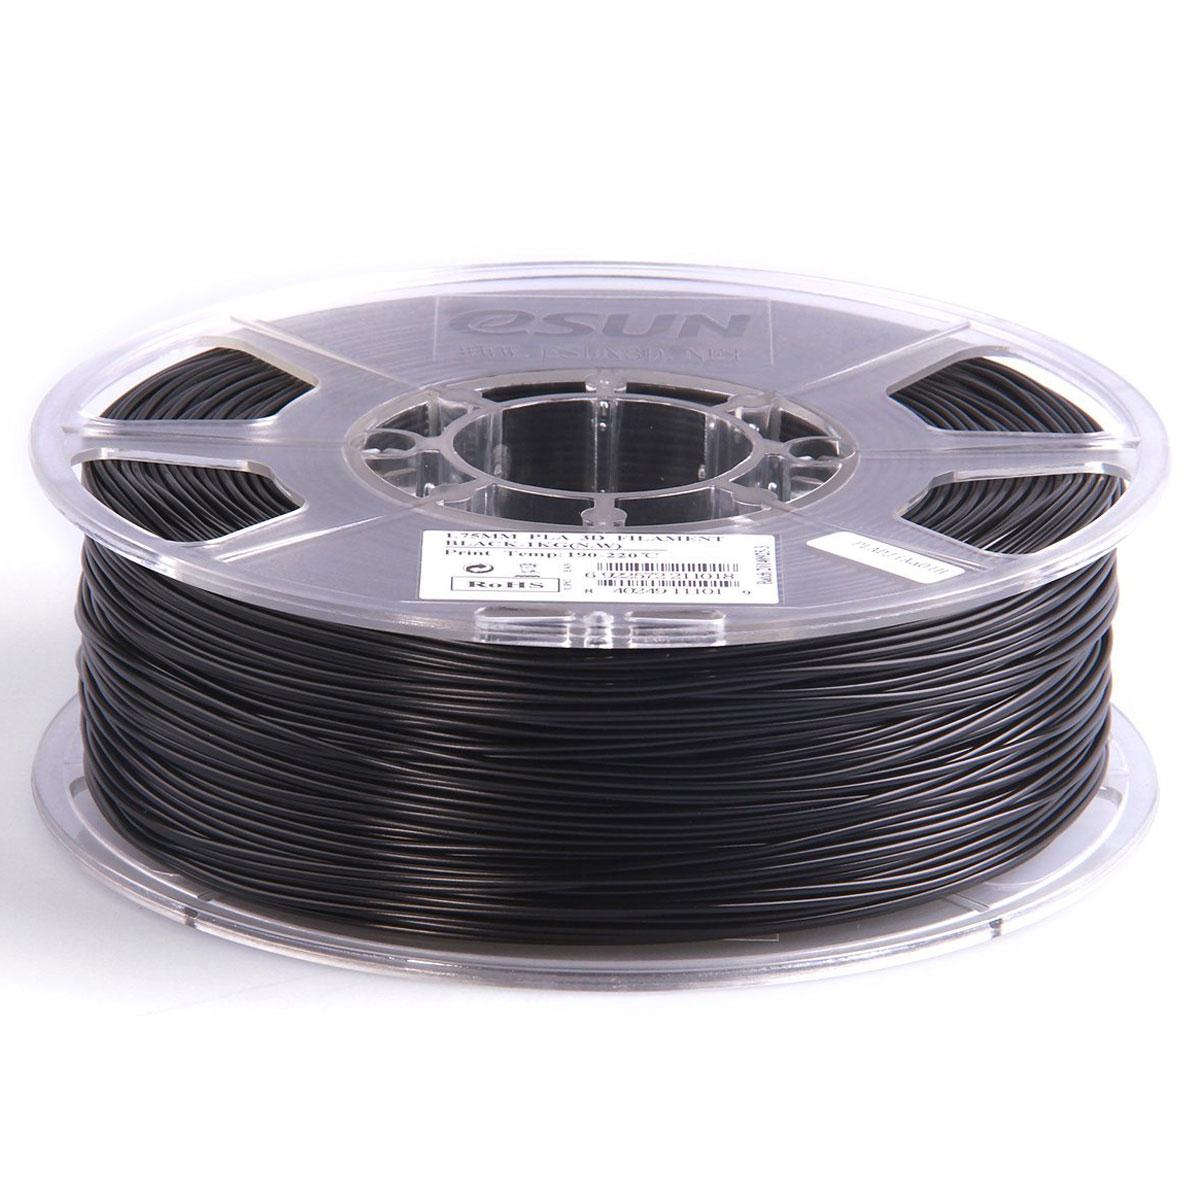 ESUN пластик PLA в катушке, Black, 1,75 ммPLA175B1Пластик PLA от ESUN долговечный и очень прочный полимер, ударопрочный, эластичный и стойкий к моющим средствам и щелочам. Один из лучших материалов для печати на 3D принтере. Пластик не имеет запаха и не является токсичным. Температура плавления190-220°C. PLA пластик для 3D-принтера применяется в деталях автомобилей, канцелярских изделиях, корпусах бытовой техники, мебели, сантехники, а также в производстве игрушек, сувениров, спортивного инвентаря, деталей оружия, медицинского оборудования и прочего.Диаметр нити: 1.75 мм